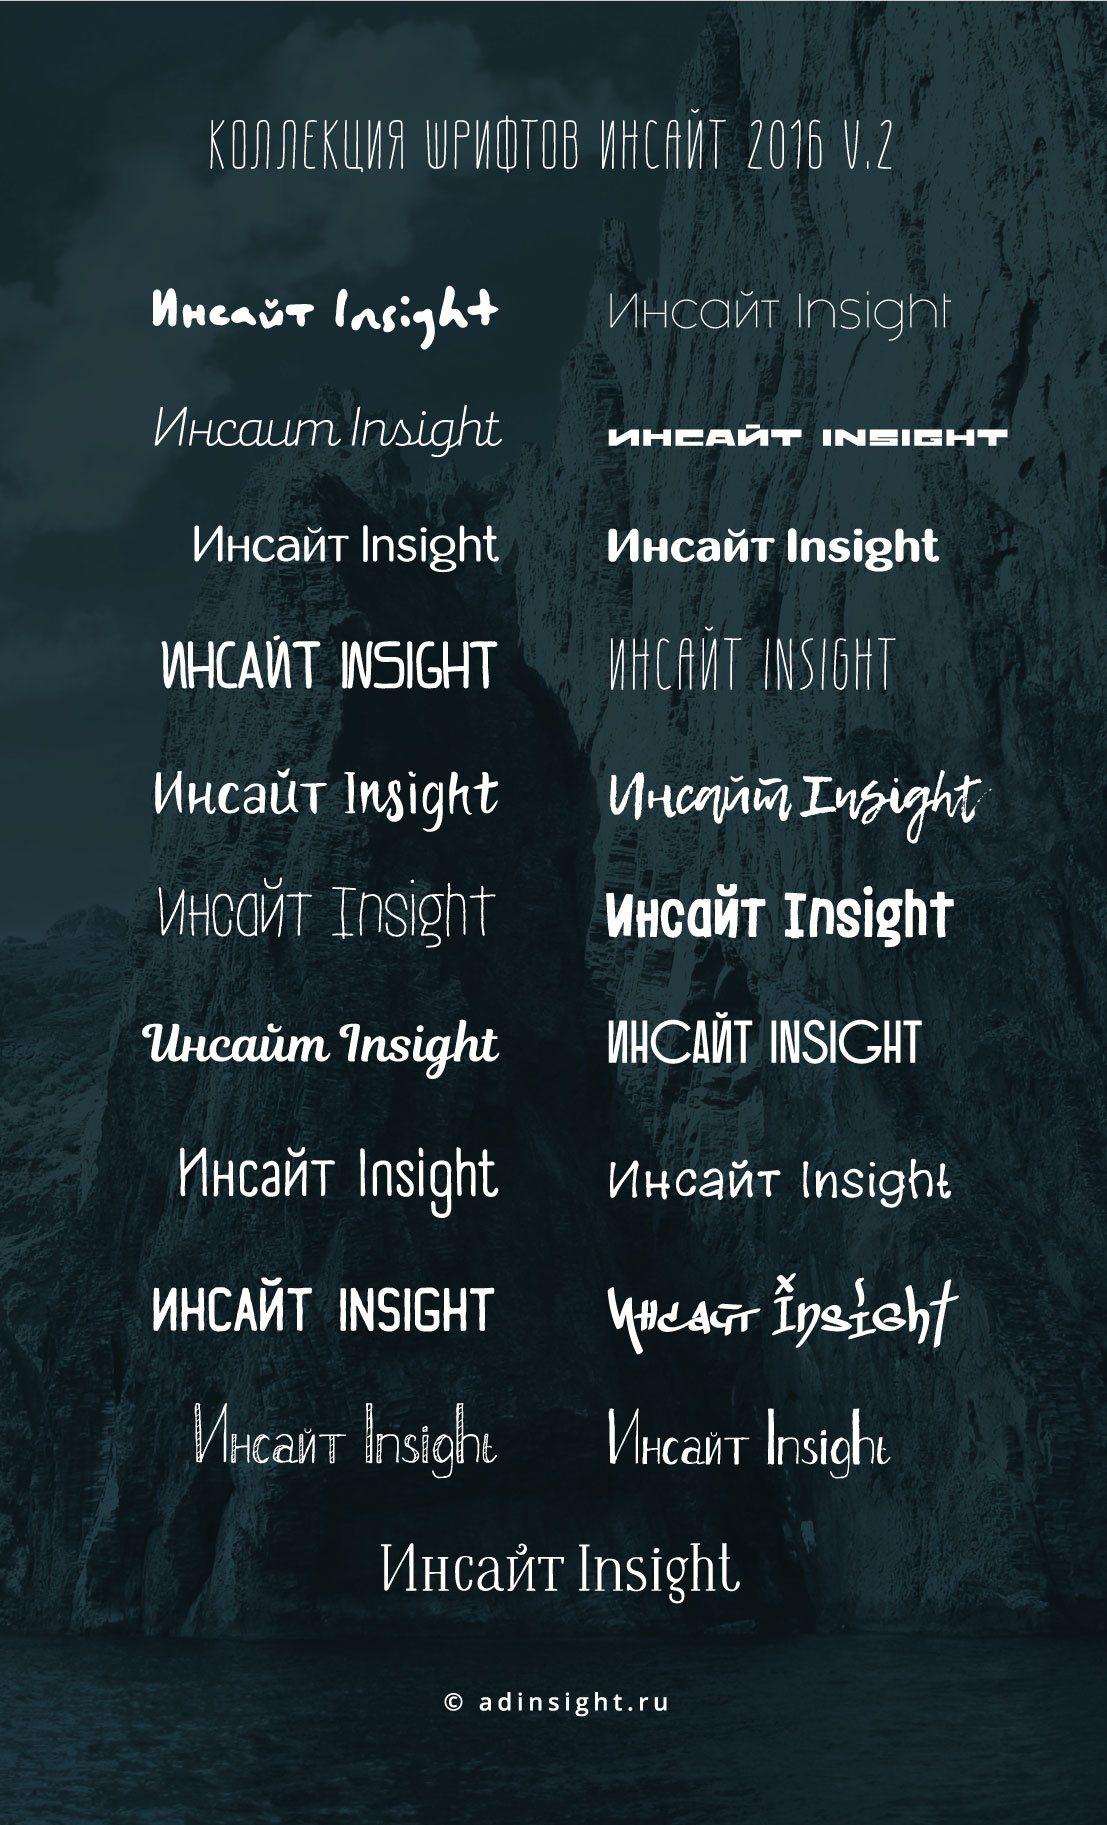 Коллекция шрифтов Инсайт 2016 v.2